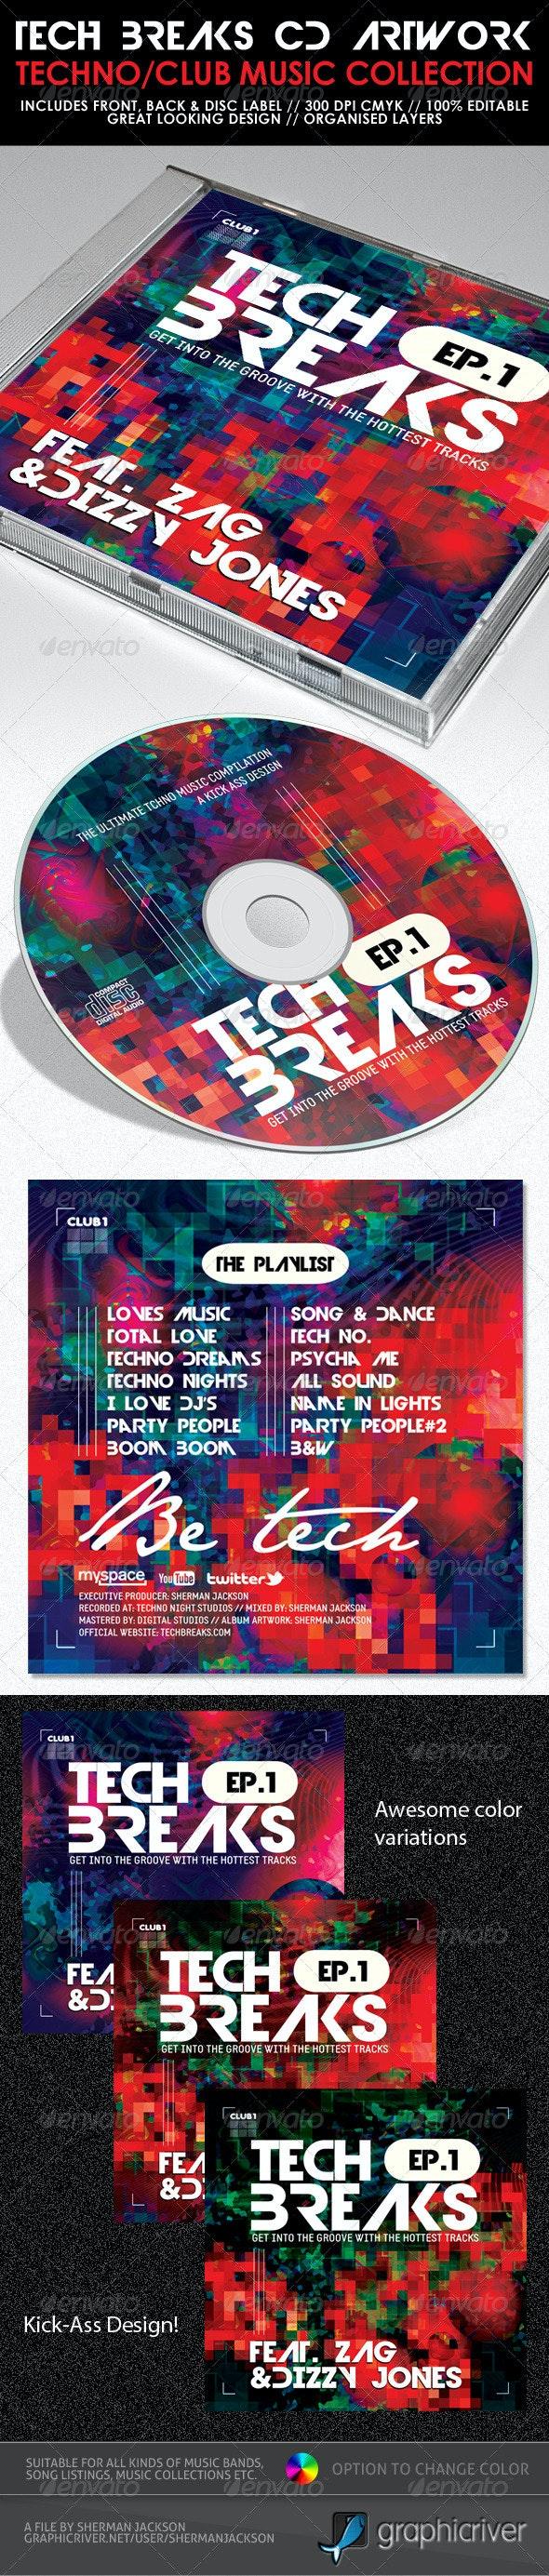 Tech Breaks CD Artwork PSD Template - CD & DVD Artwork Print Templates